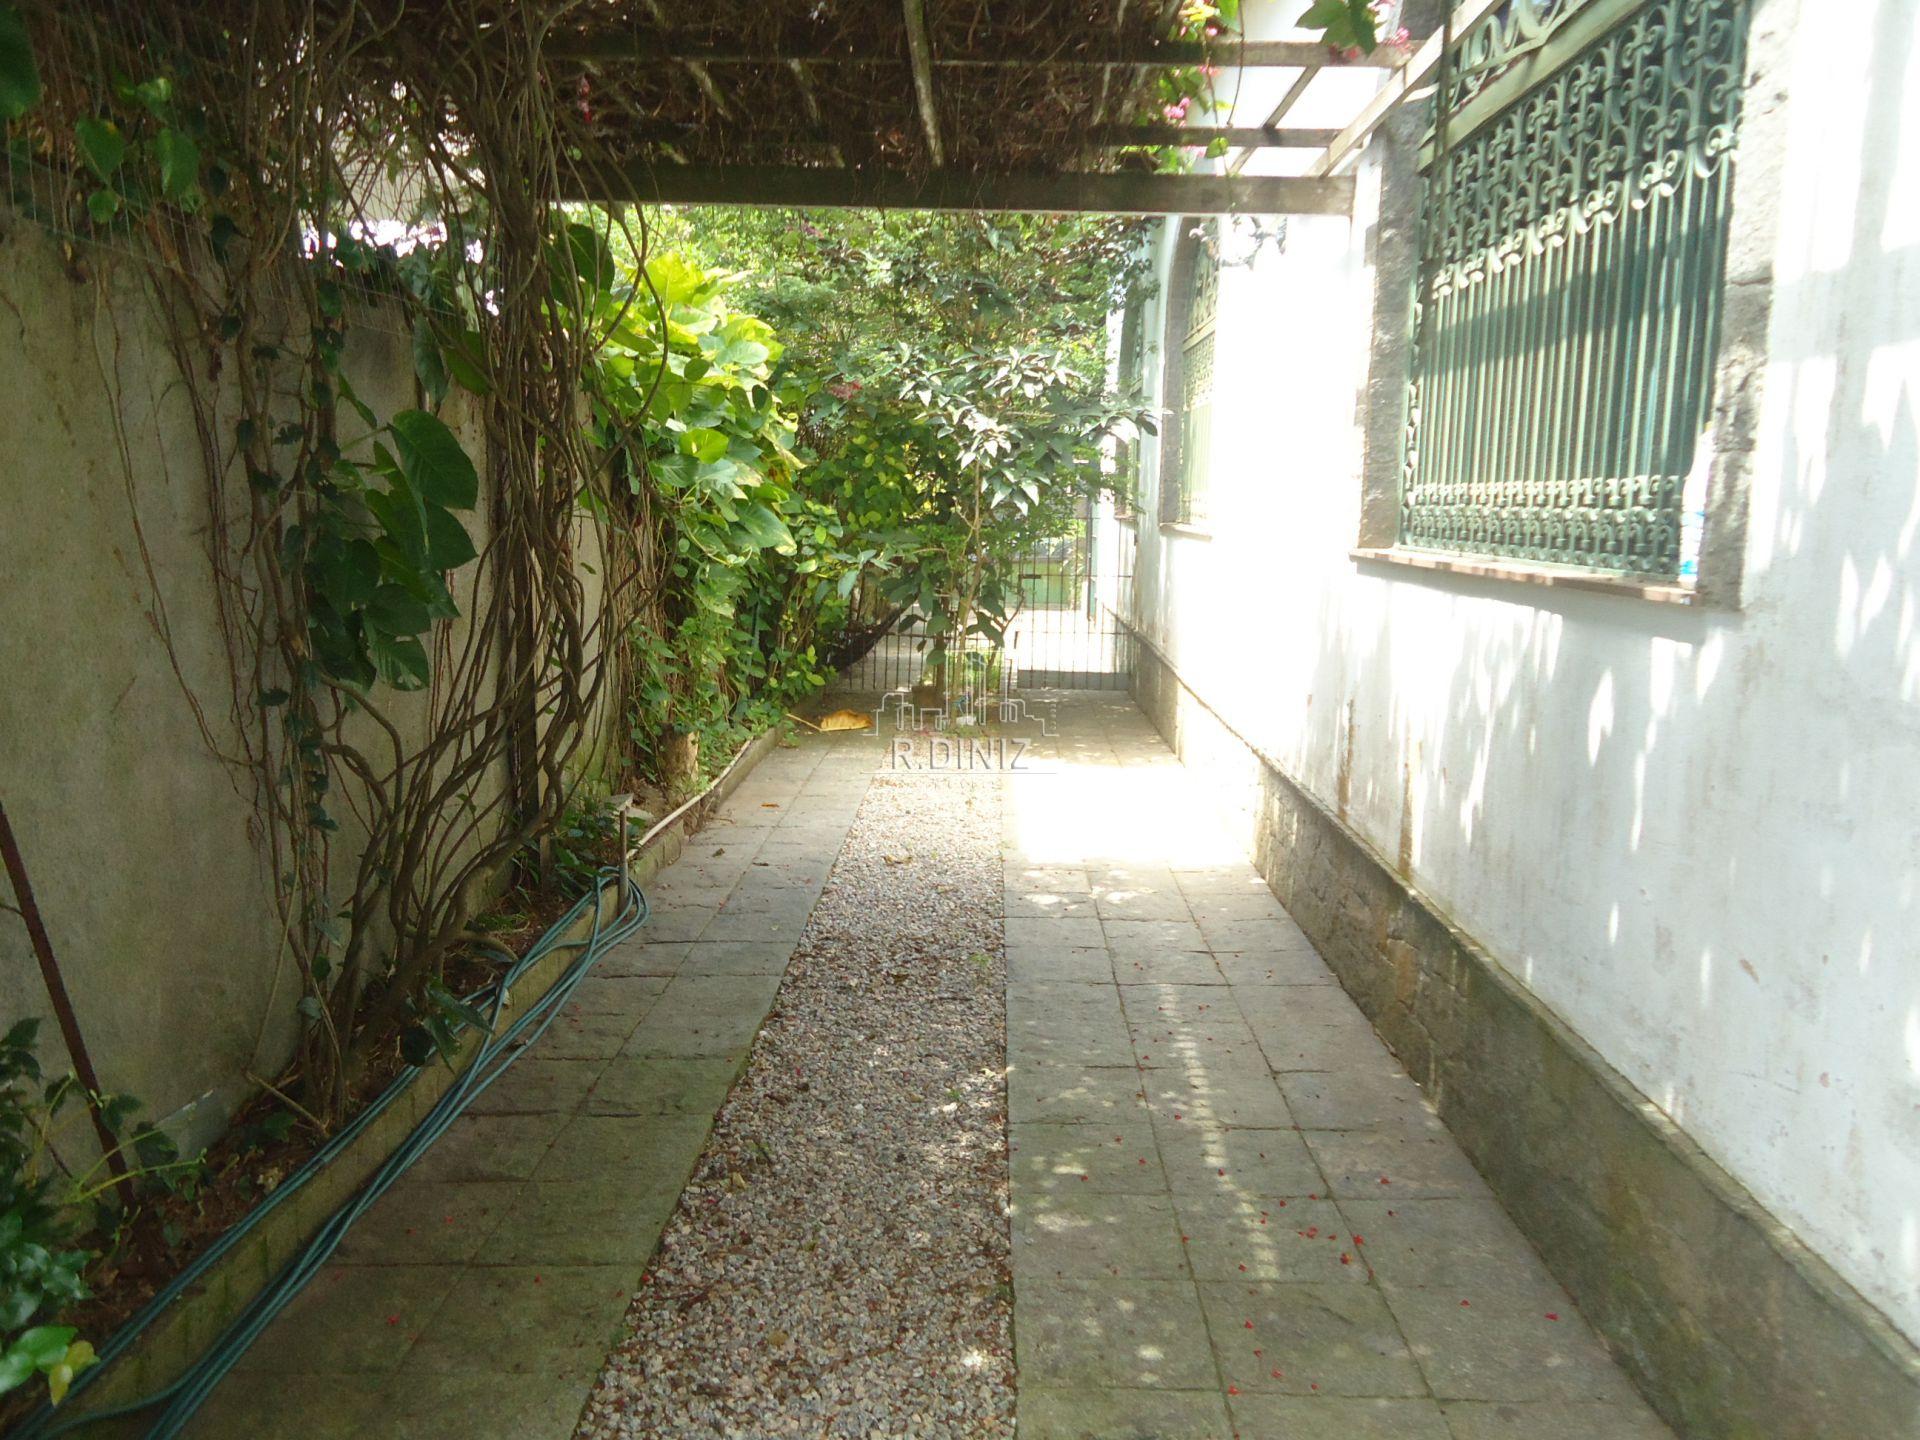 Itacoatiara, terreno com casa e edícula, praia, costão, Niterói, Rio de Janeiro. - im011274 - 4